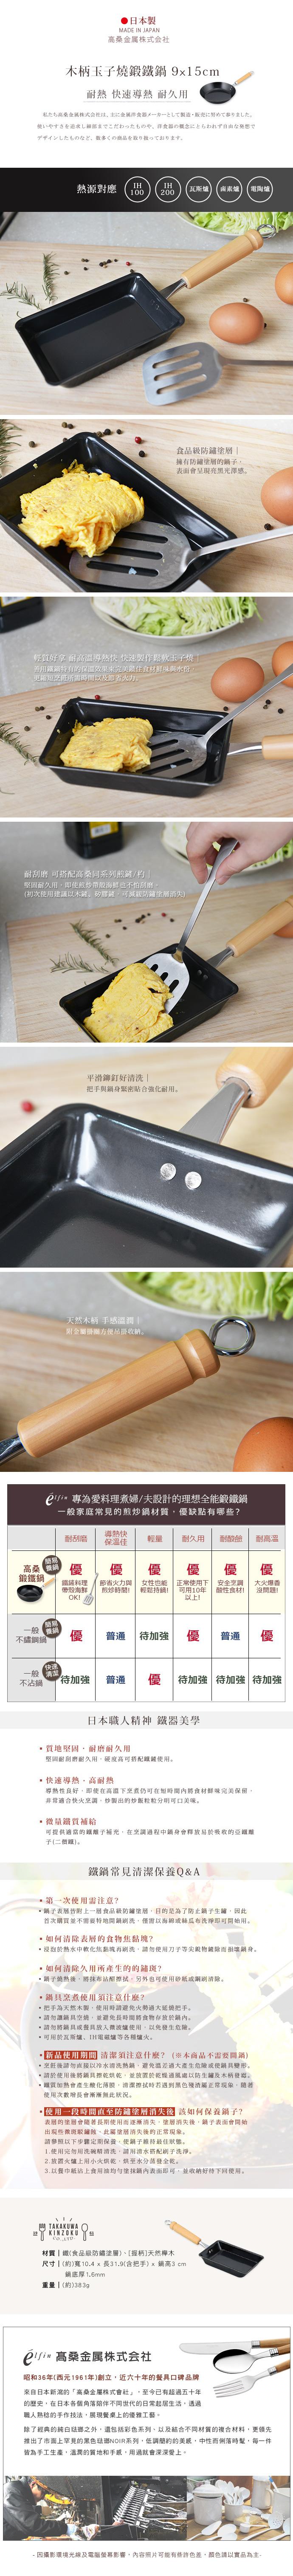 (複製)高桑elfin|深型鍛鐵炸鍋附鍋蓋-20cm